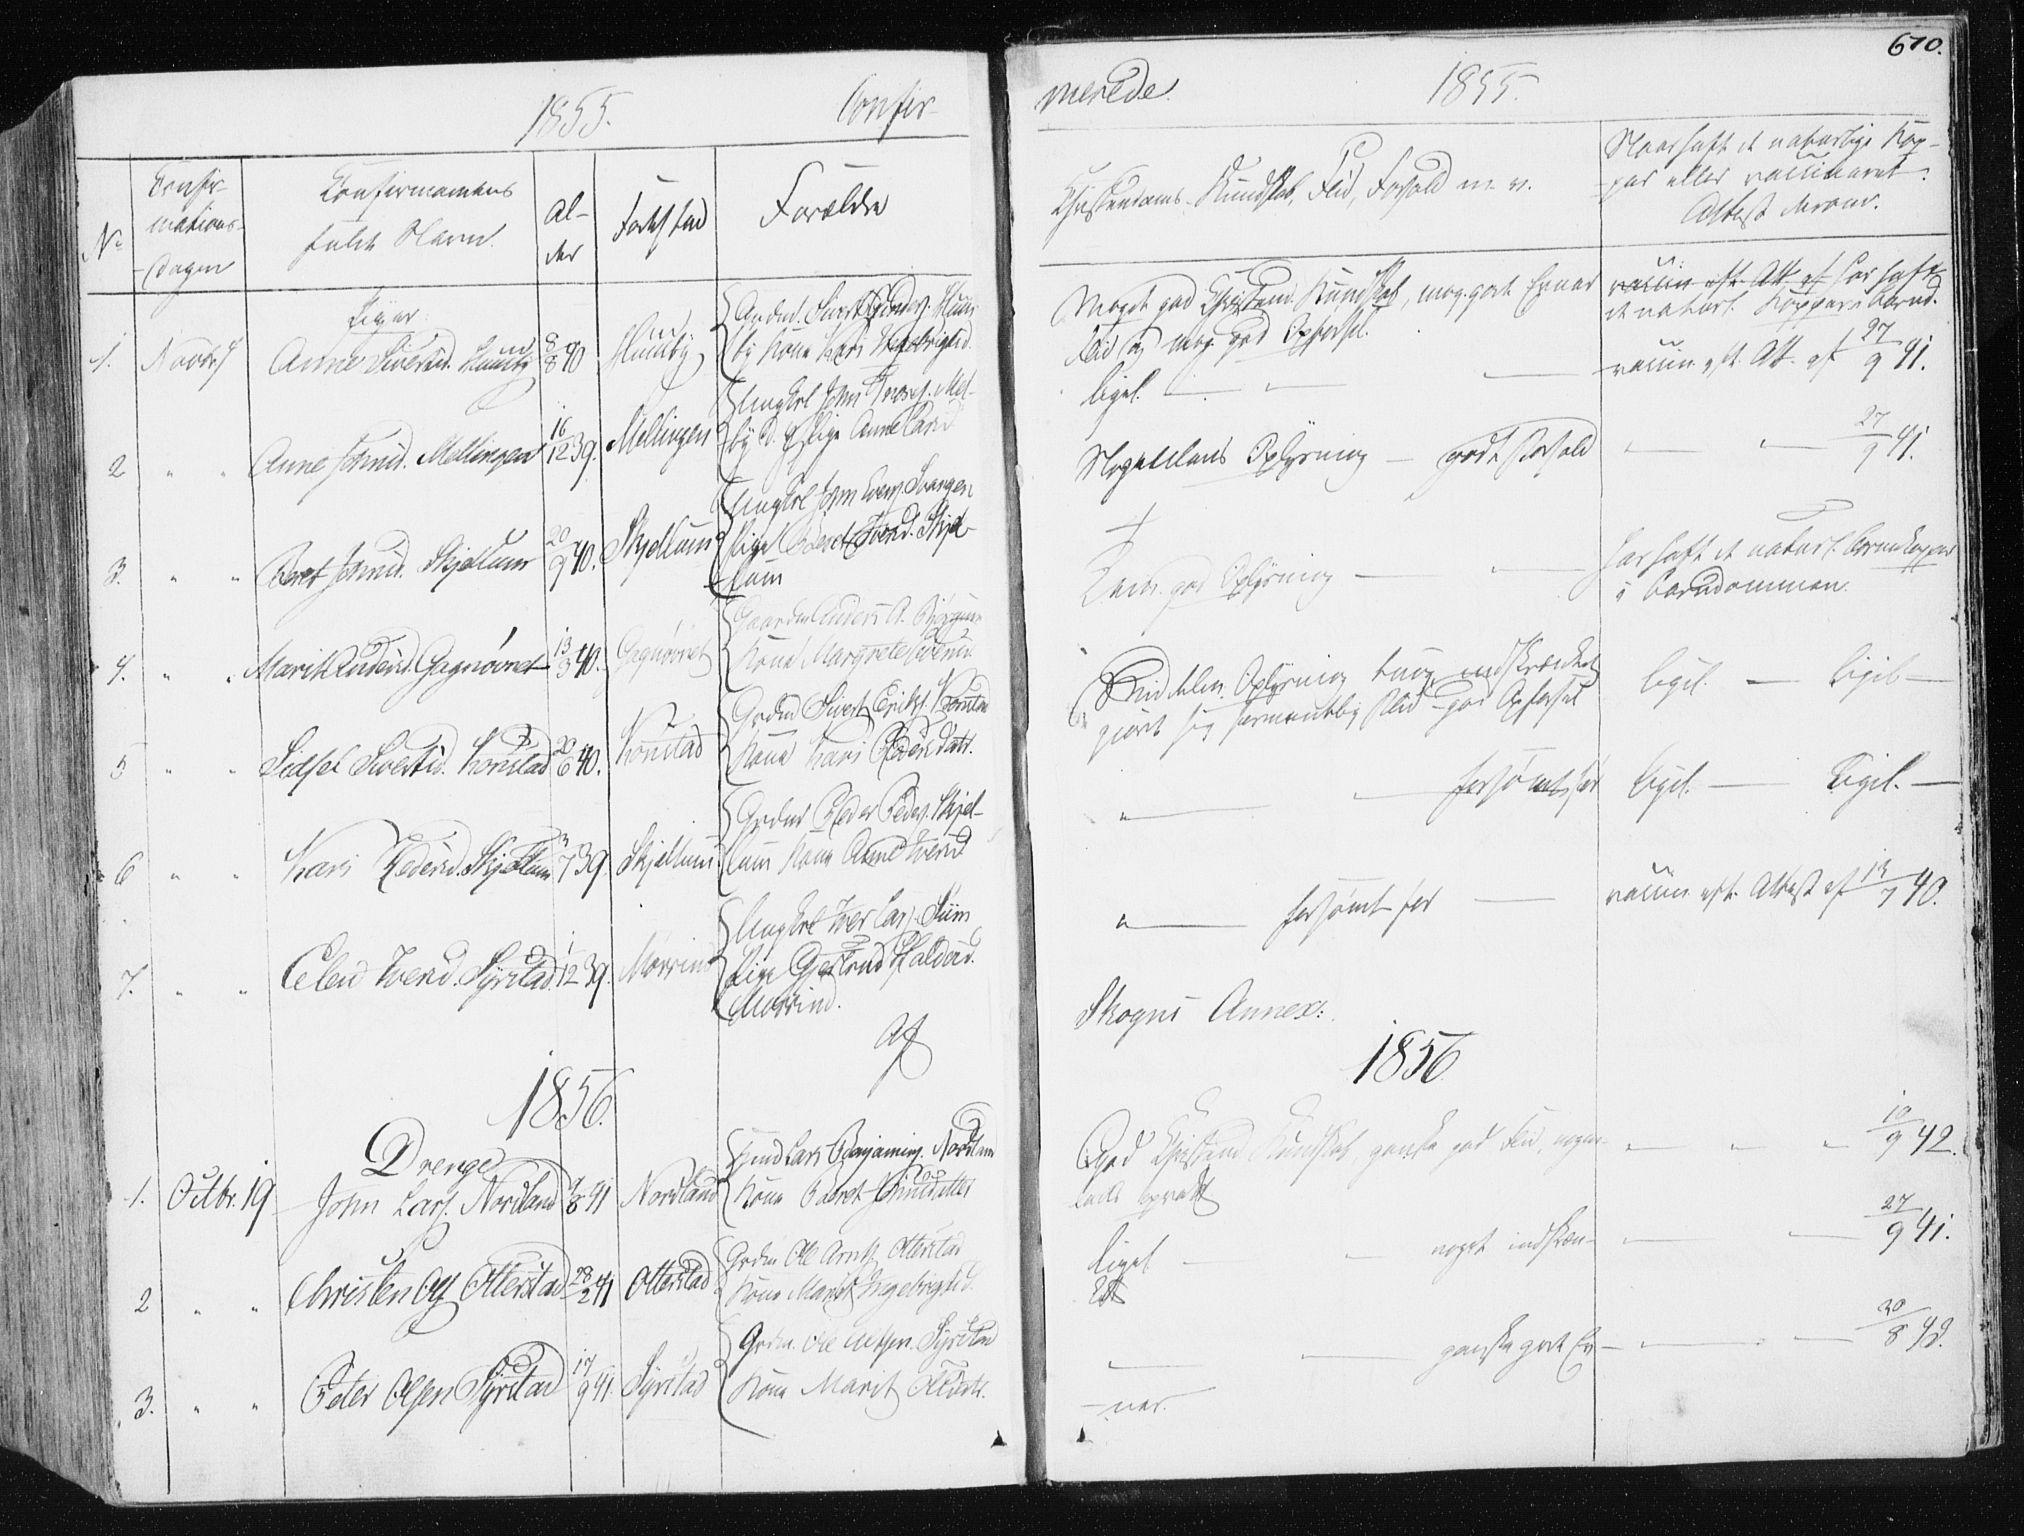 SAT, Ministerialprotokoller, klokkerbøker og fødselsregistre - Sør-Trøndelag, 665/L0771: Ministerialbok nr. 665A06, 1830-1856, s. 670